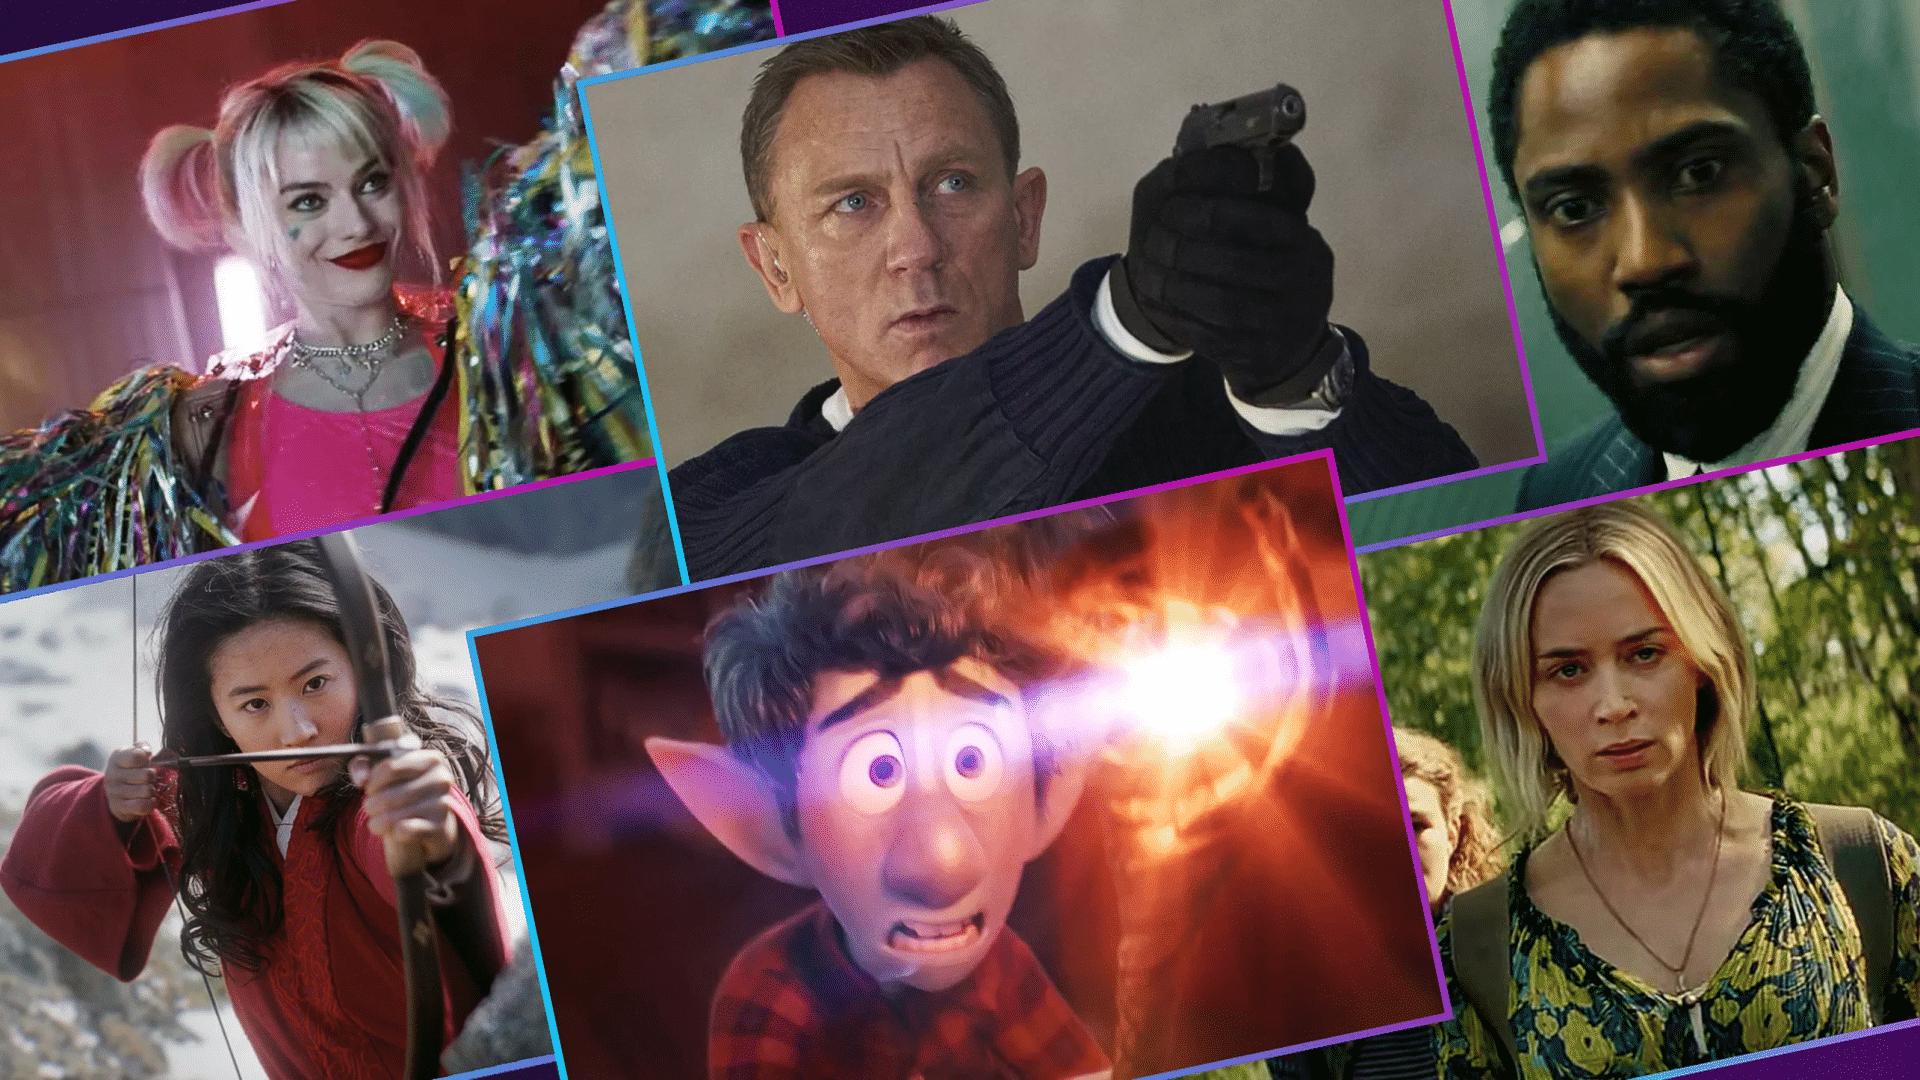 Filmes mais esperados de 2020 - Veja as maiores estreias do ano